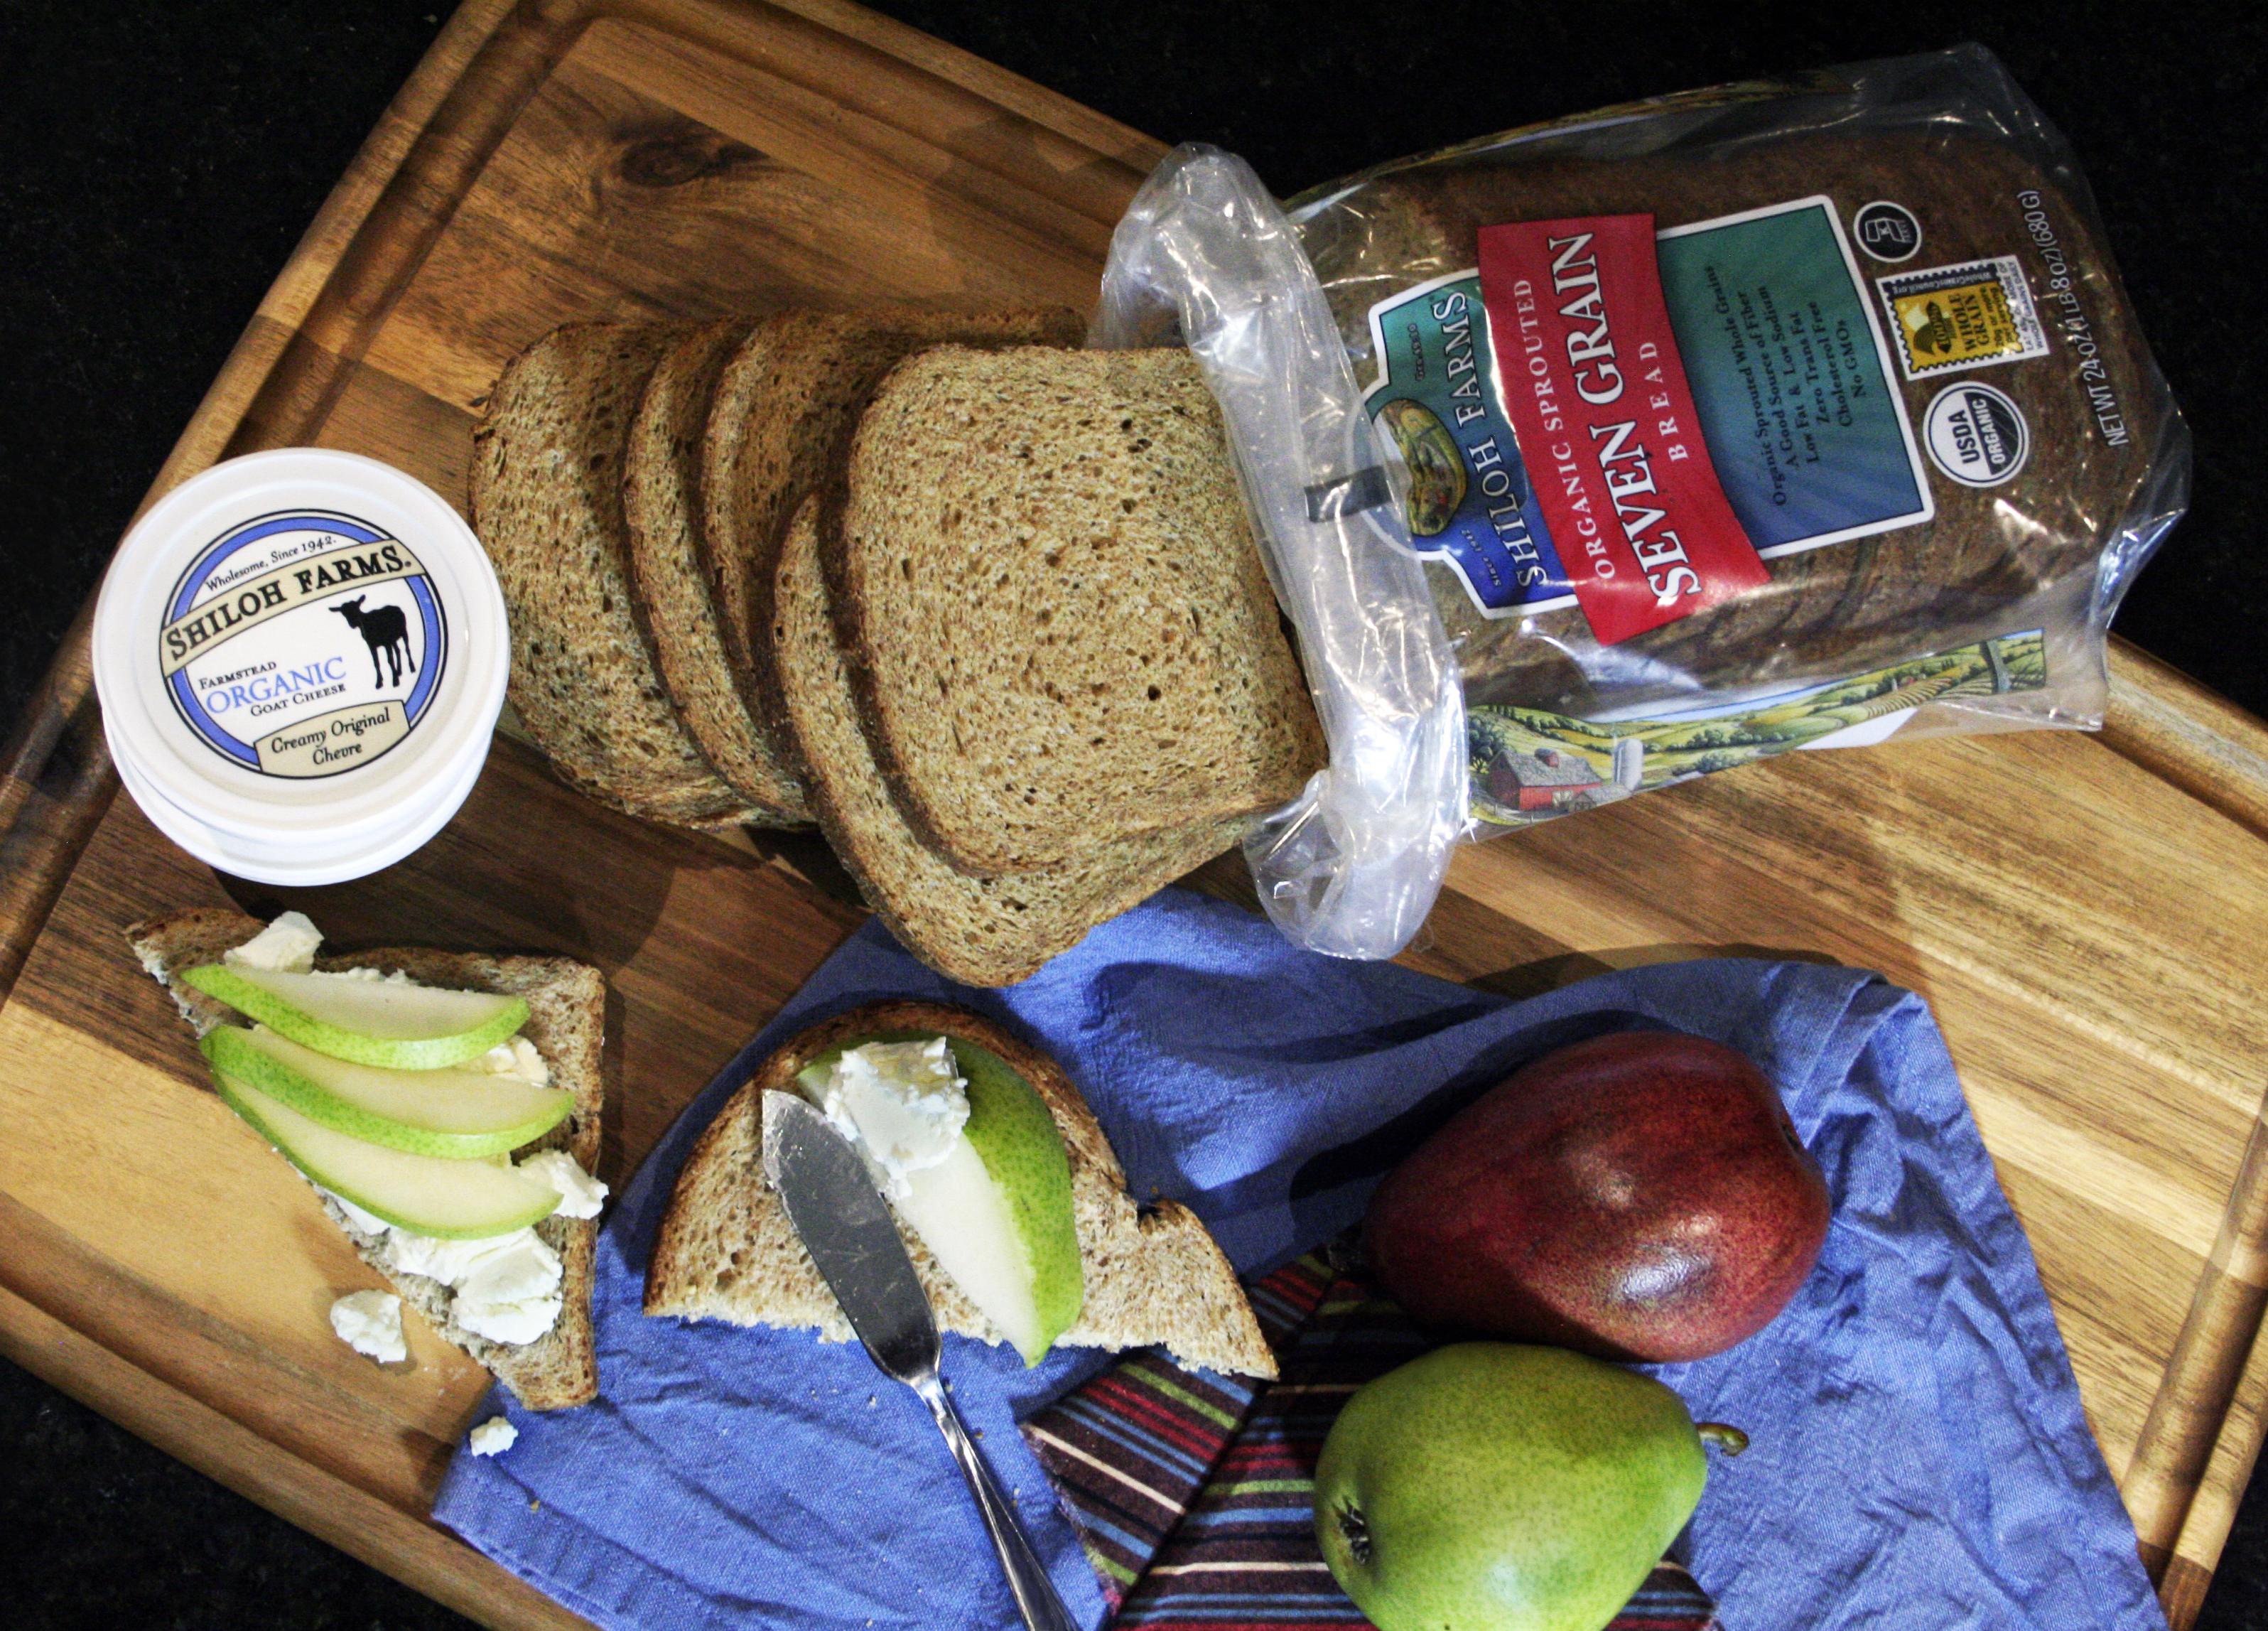 Shiloh Farms Bread & Cheese